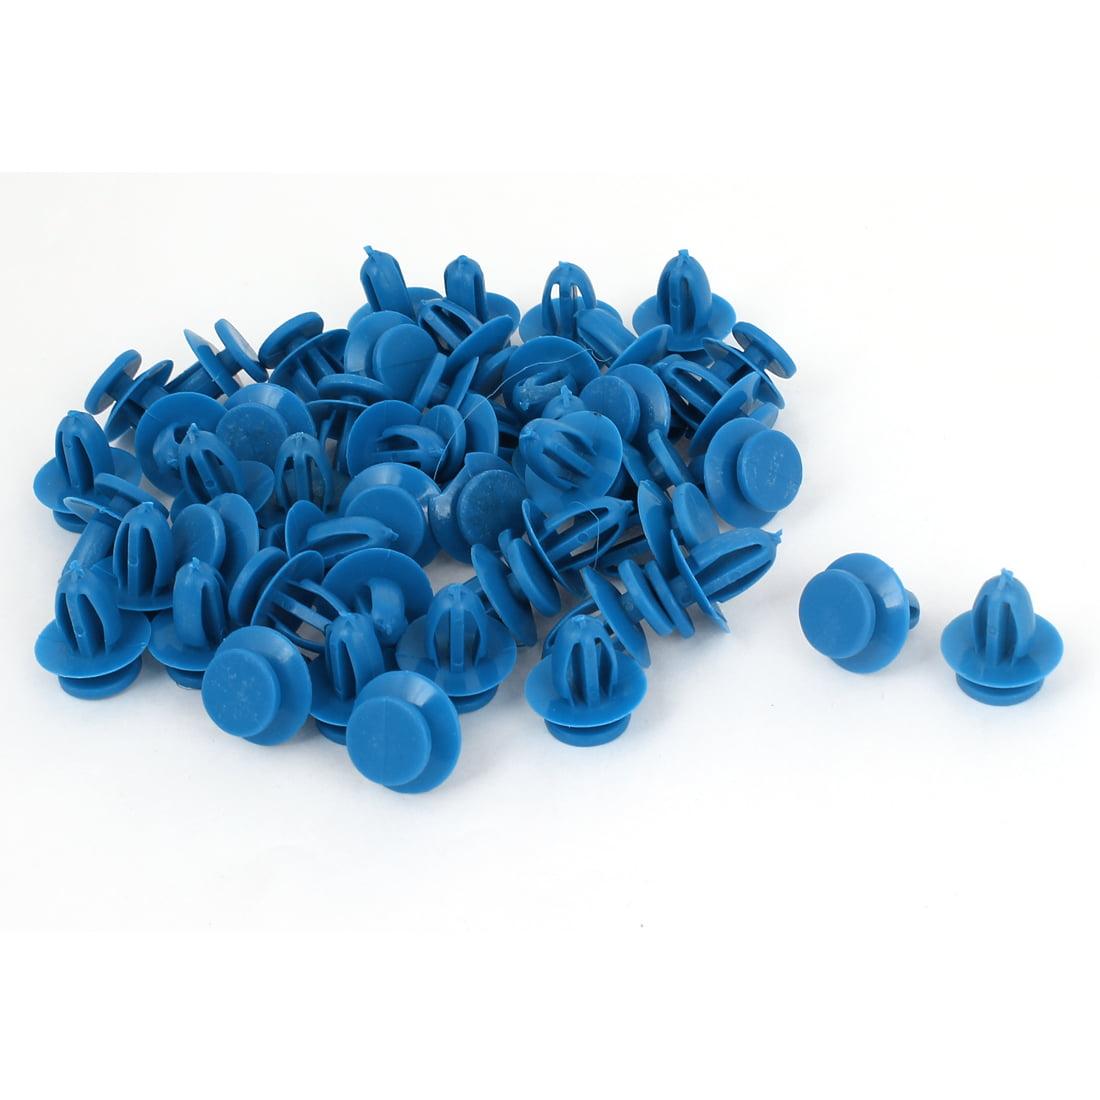 Unique Bargains 50 Pcs Blue Plastic Rivet Trim Fastener Moulding Clips 9mm x 14mm x 17mm